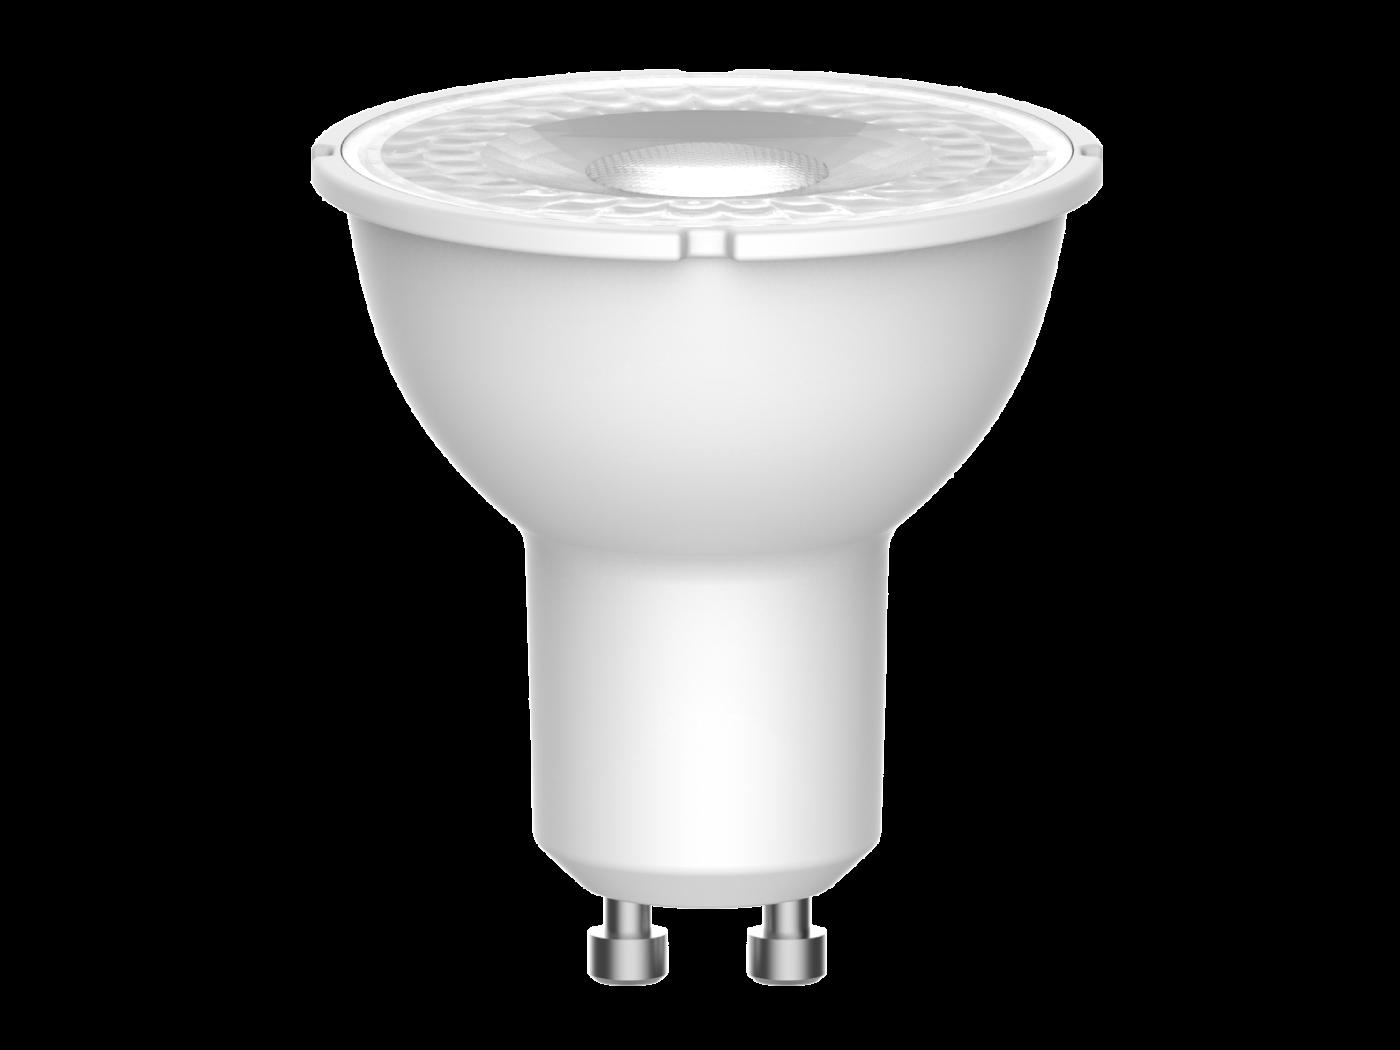 SupValue GU10 240V Globe